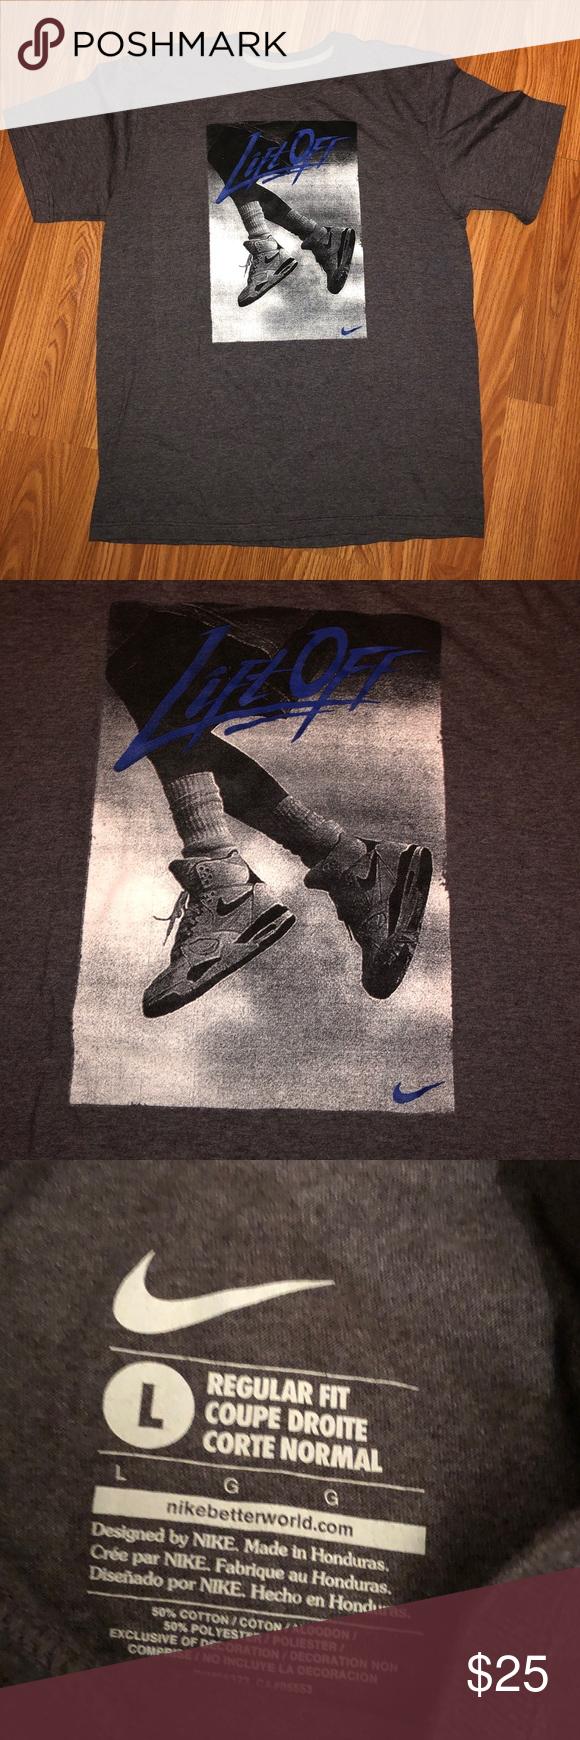 Nike} Lift Off Shirt Nwot Nike lift off